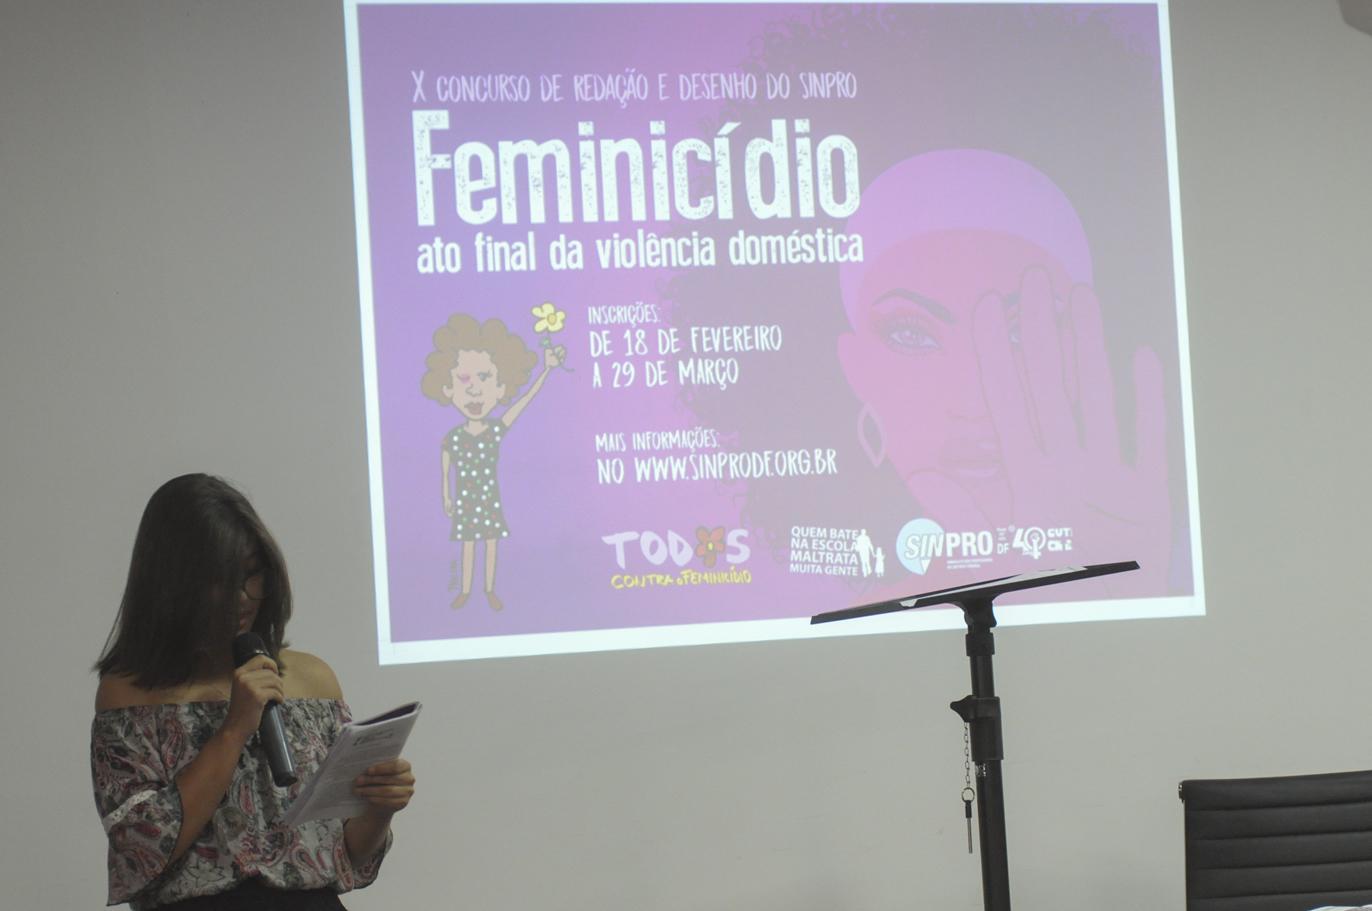 2019.05.16_PREMIACAO-DO-X-CONCURSO-DE-REDACAO_fotos-Deva-Garcia-72